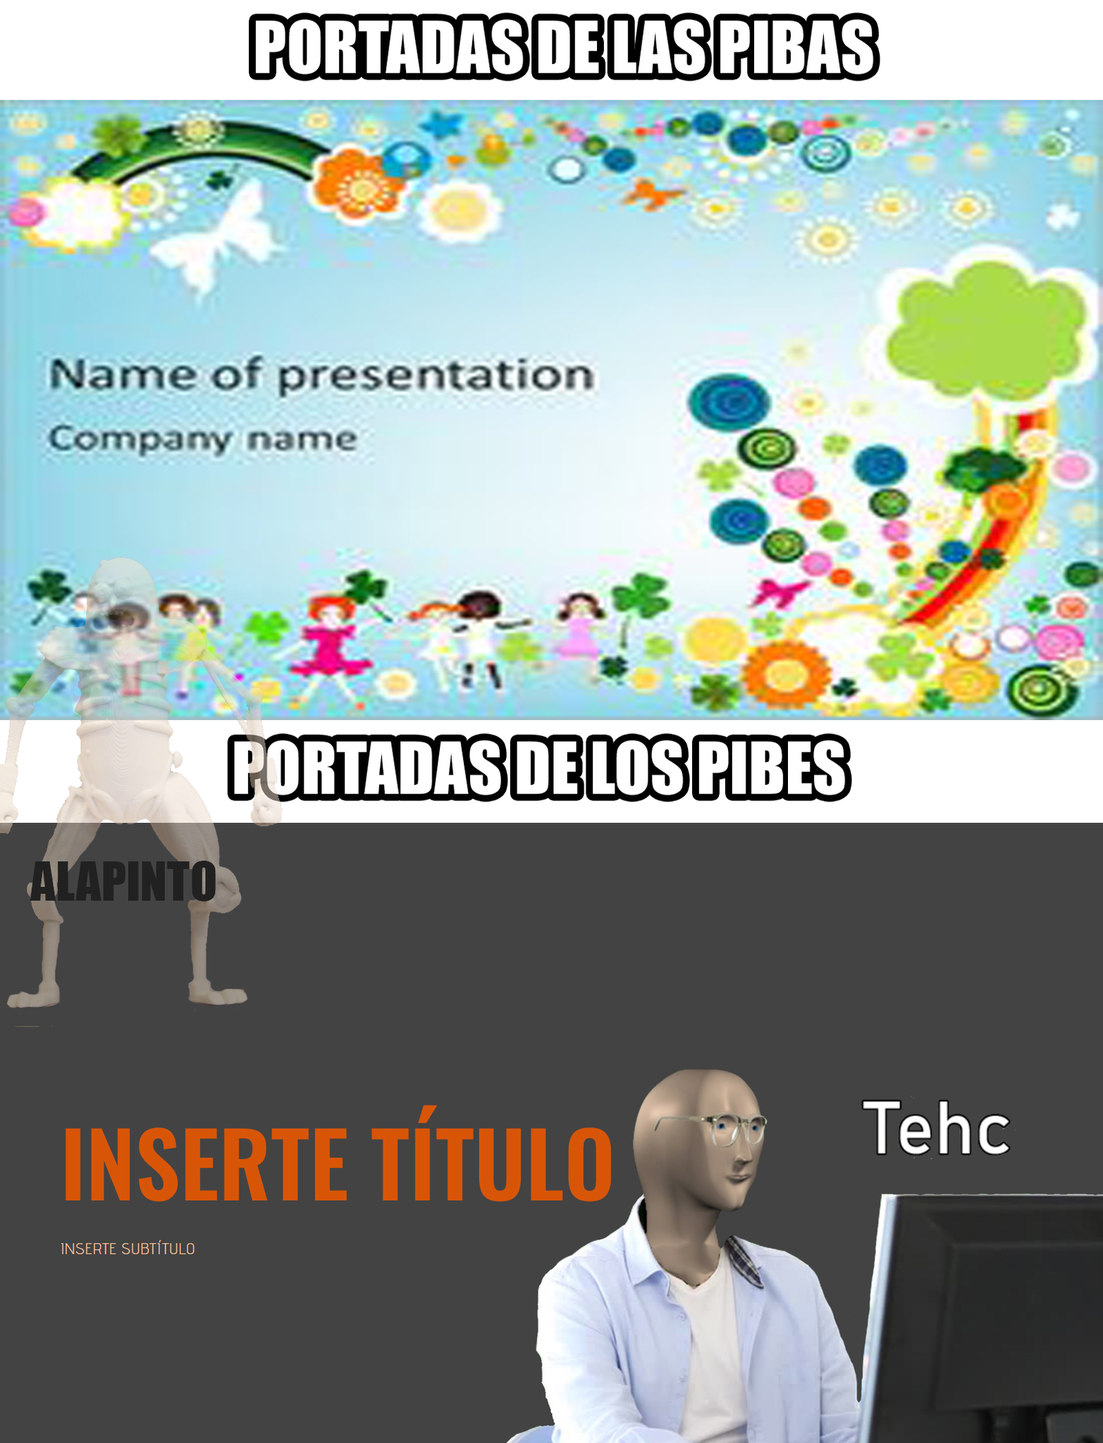 17/20 *PORTADAS DE POWER POINT* - meme